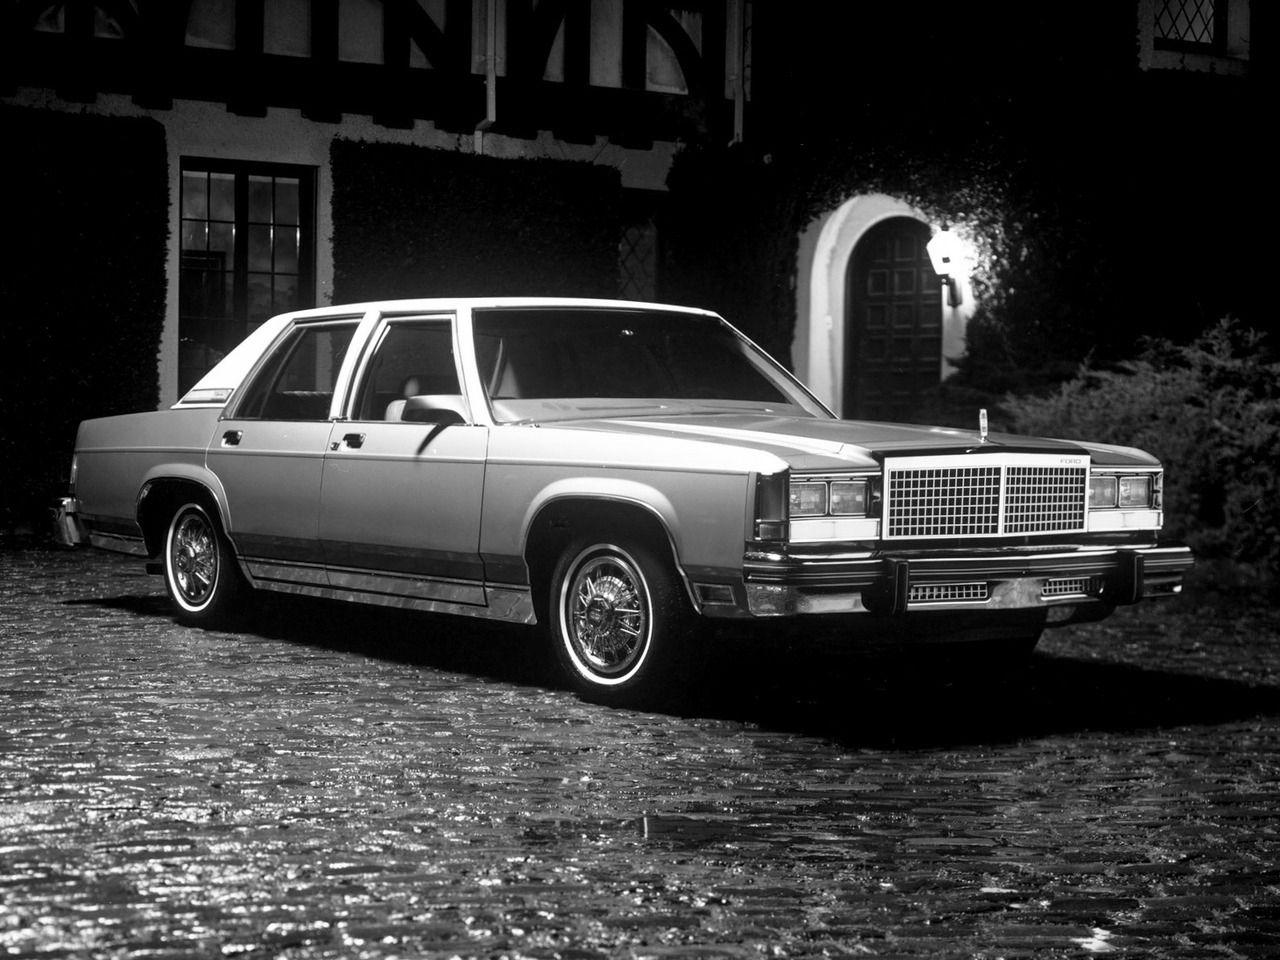 1979 Ford Ltd Ford Ltd Ford Sedan